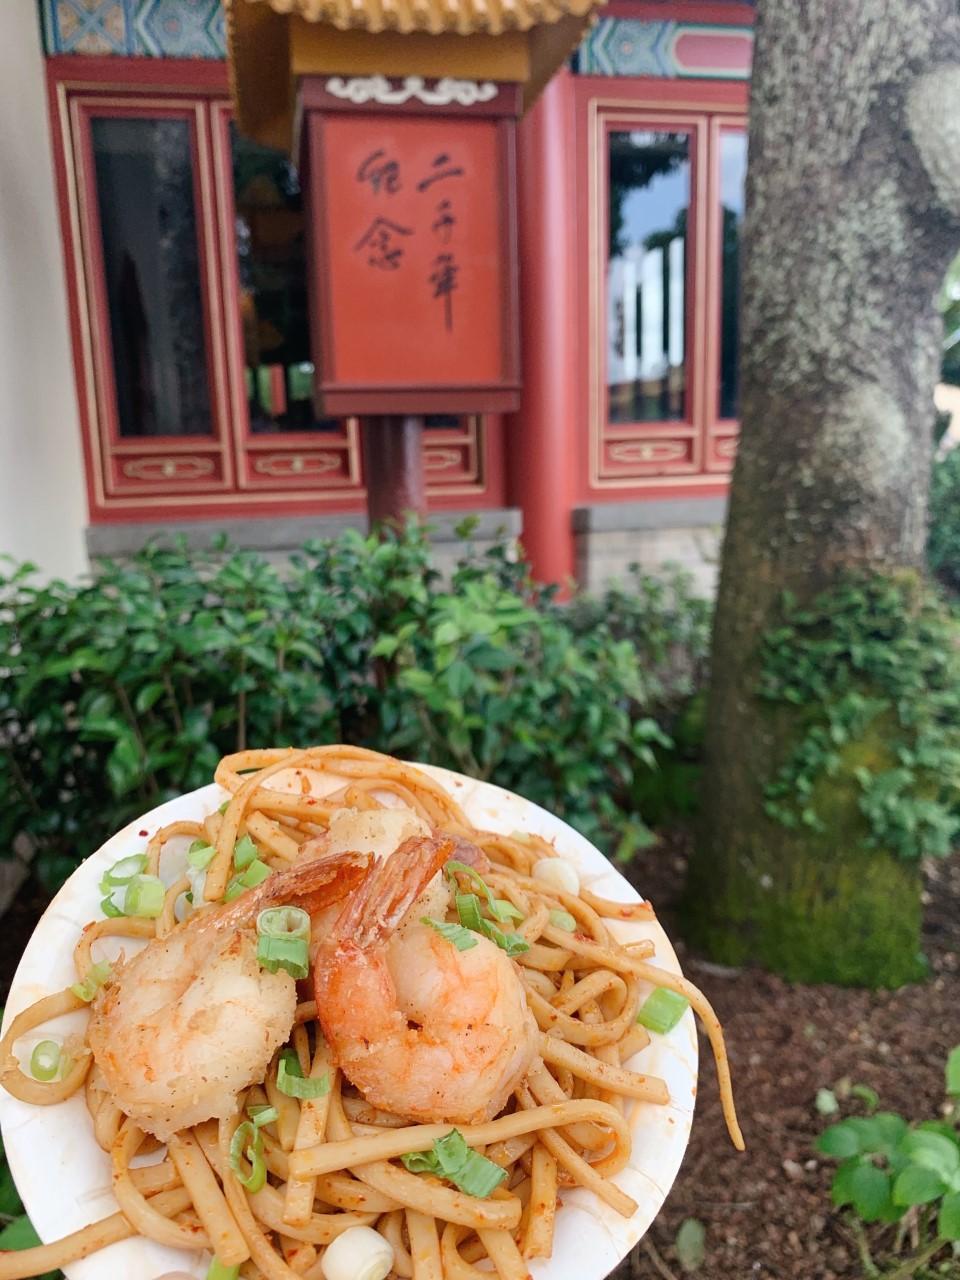 Epcot International Food & Wine Festival Black Pepper Shrimp with Garlic Noodles